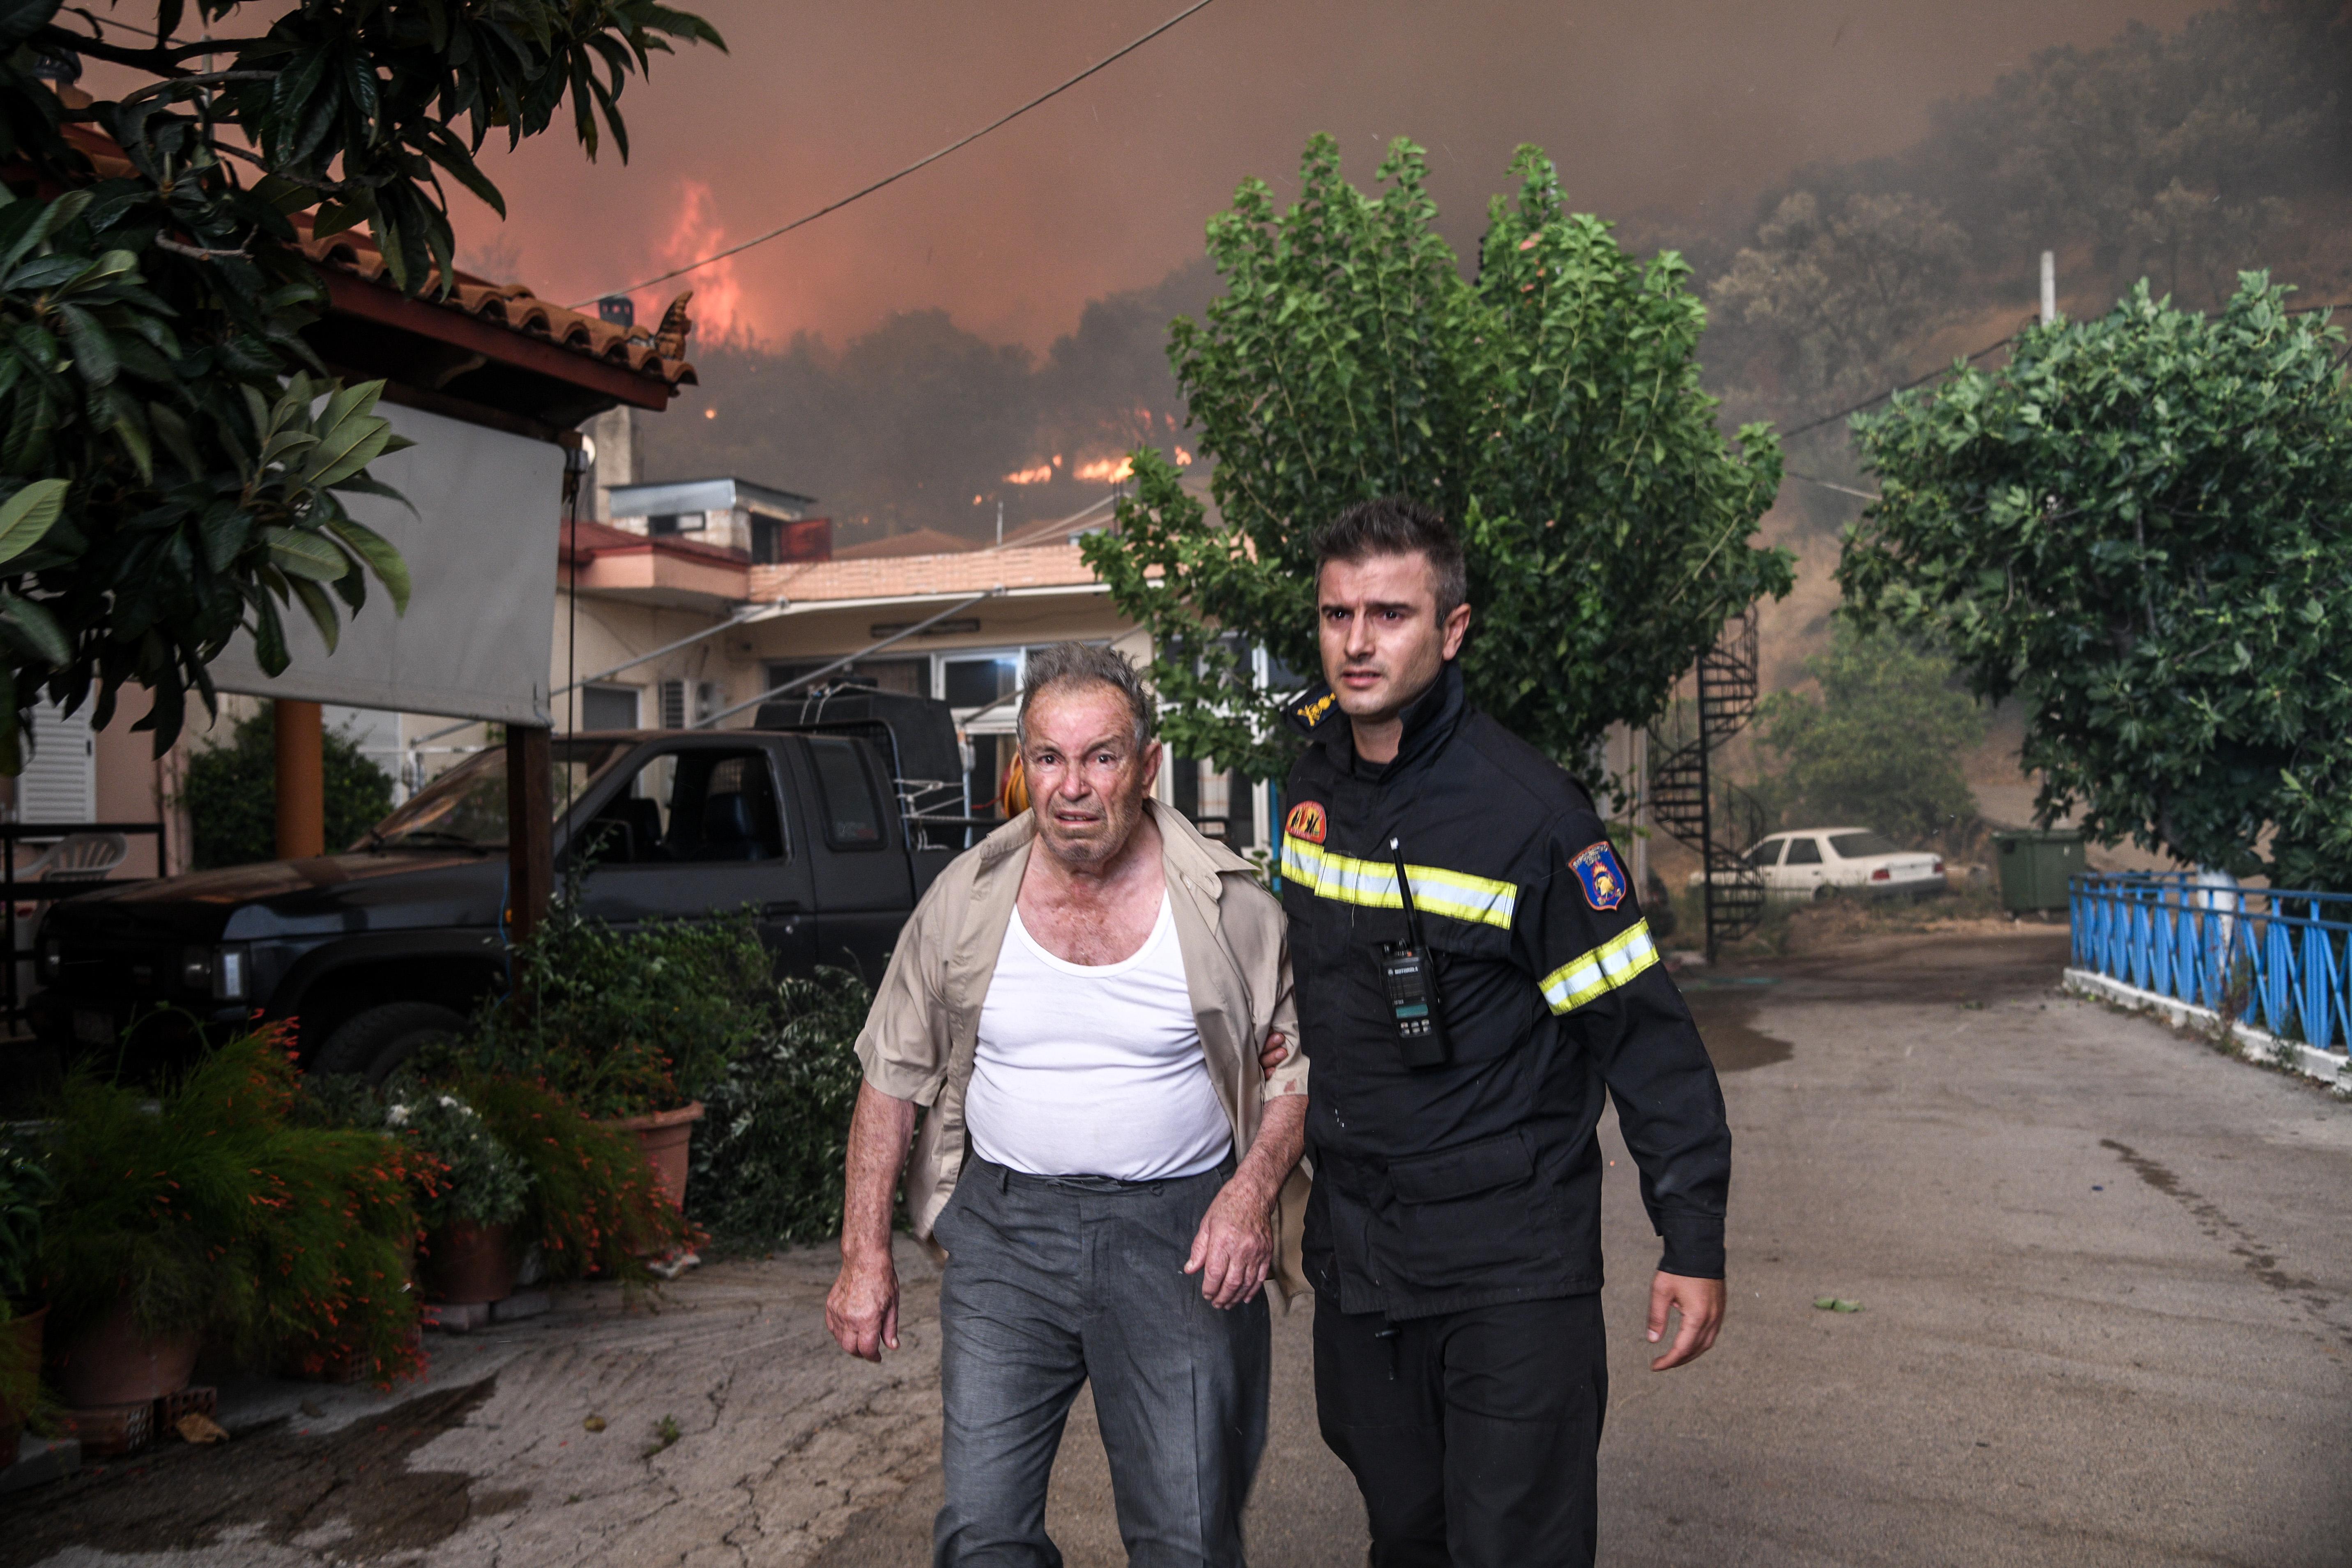 Πυροσβέστης συνοδεύει κάτοικο του χωριού Κοντοδεσπότι κατά τη διάρκεια της εκκένωσης